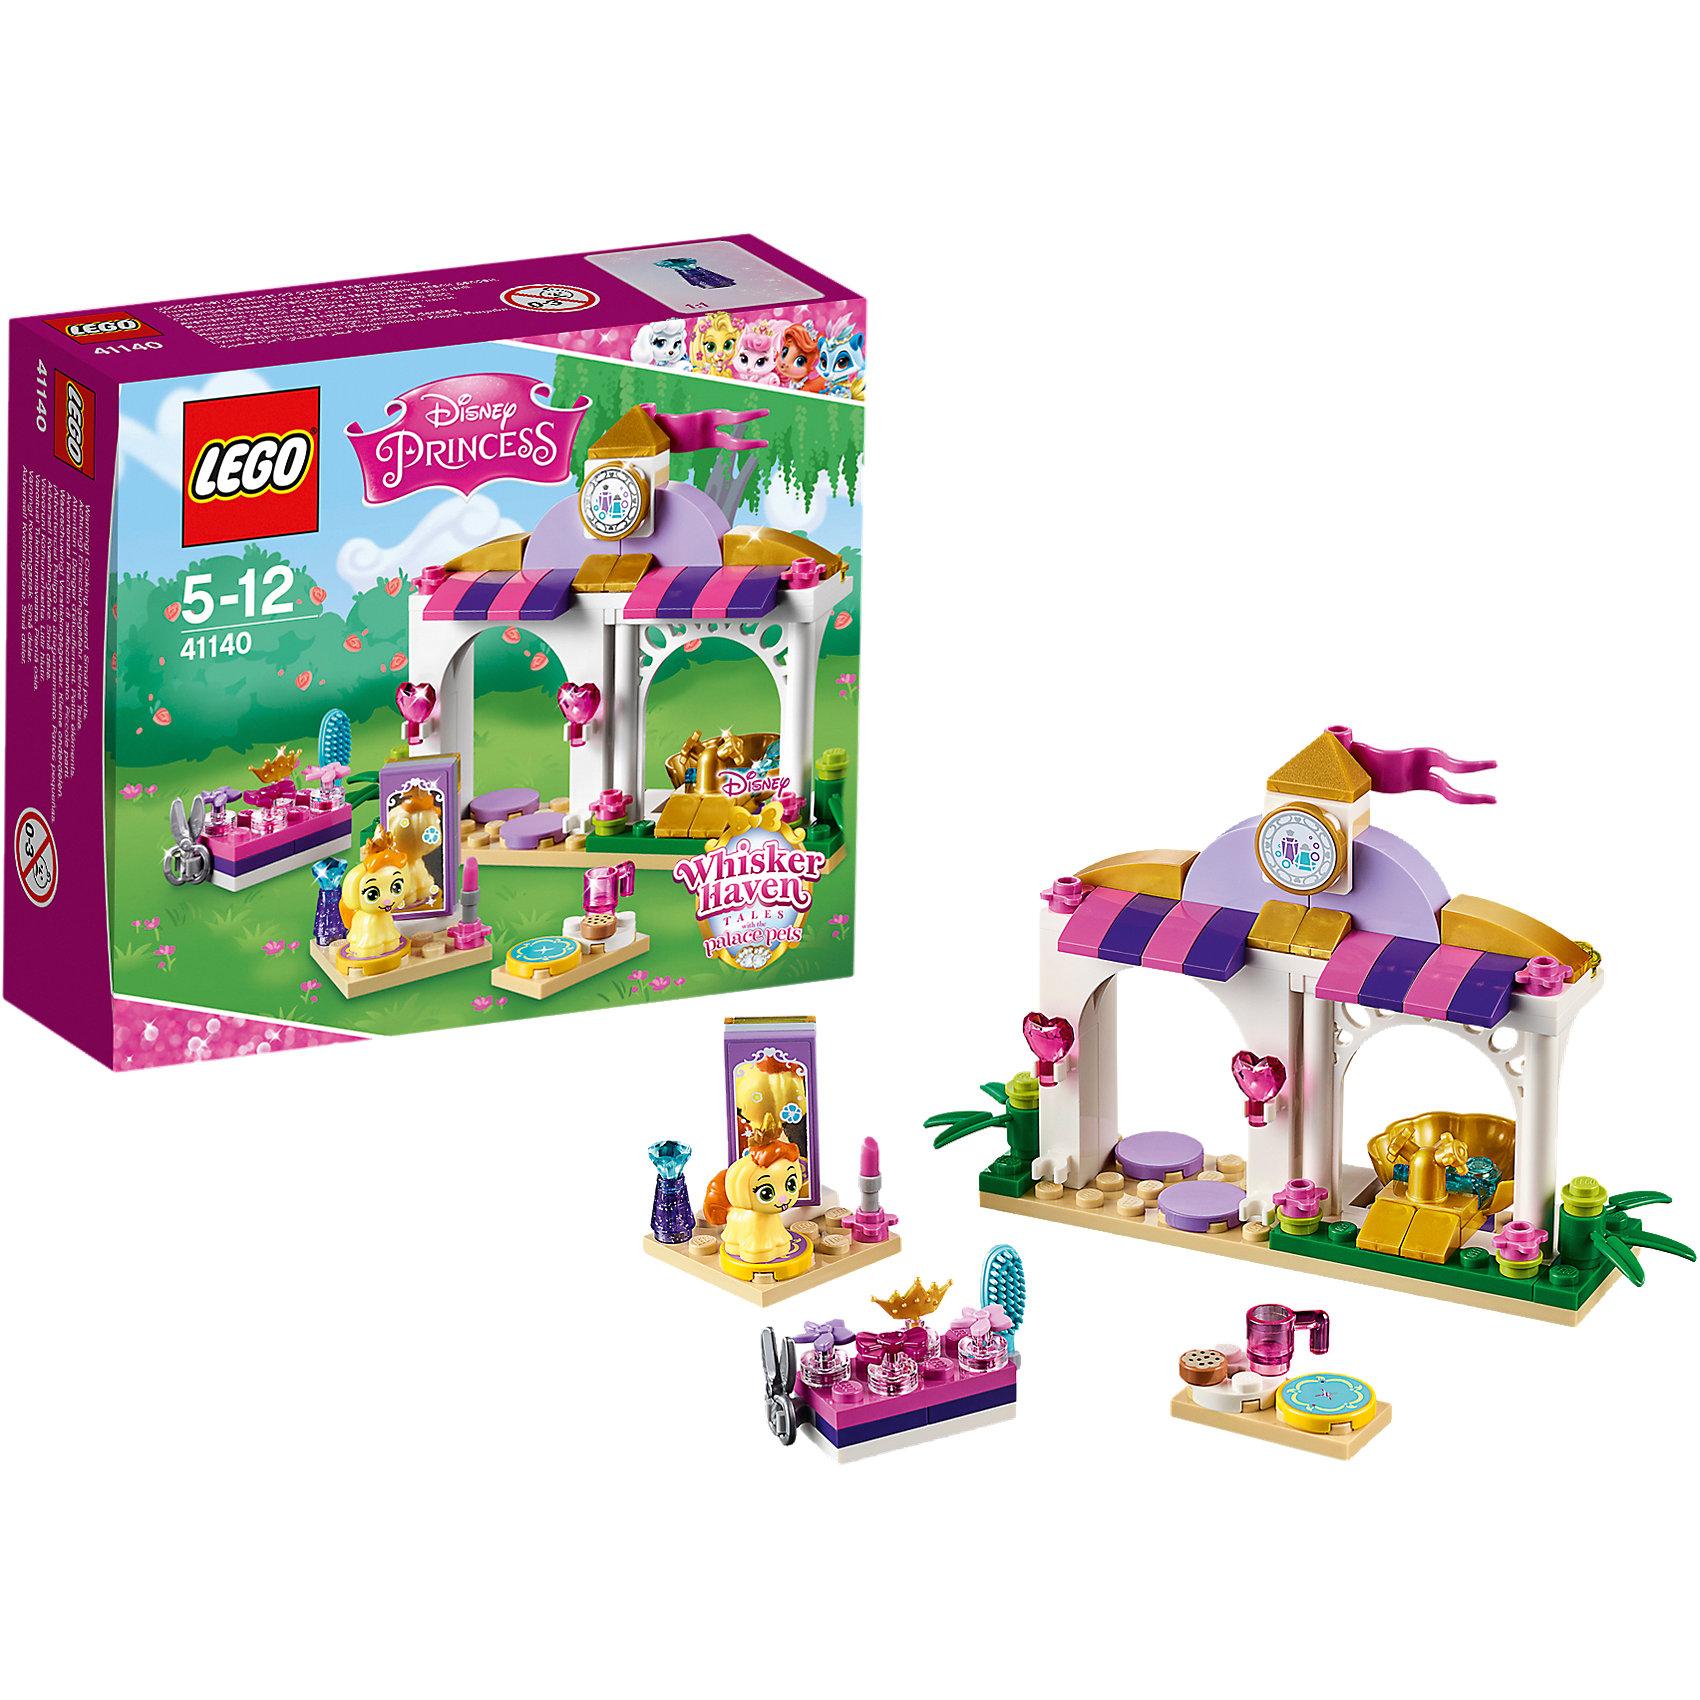 LEGO LEGO Disney Princesses 41140: Королевские питомцы: Ромашка конструктор lego disney princesses экзотический дворец жасмин 41061